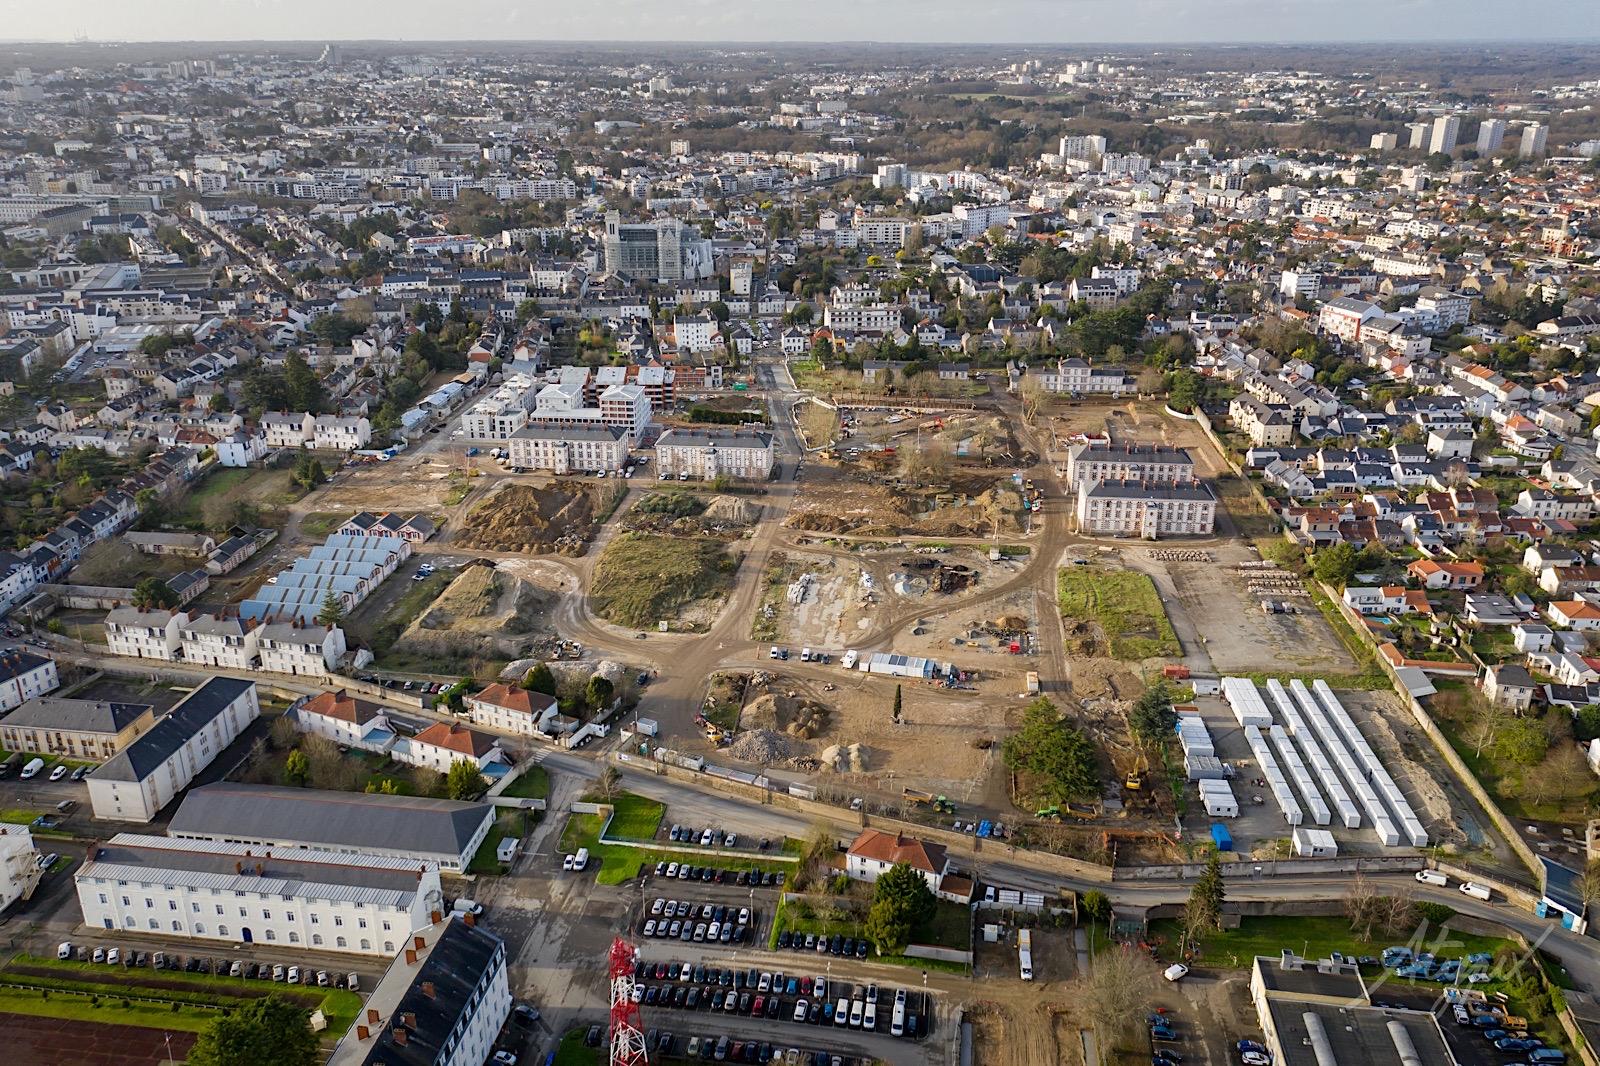 vue par drone du chantier Mellinet à Nantes